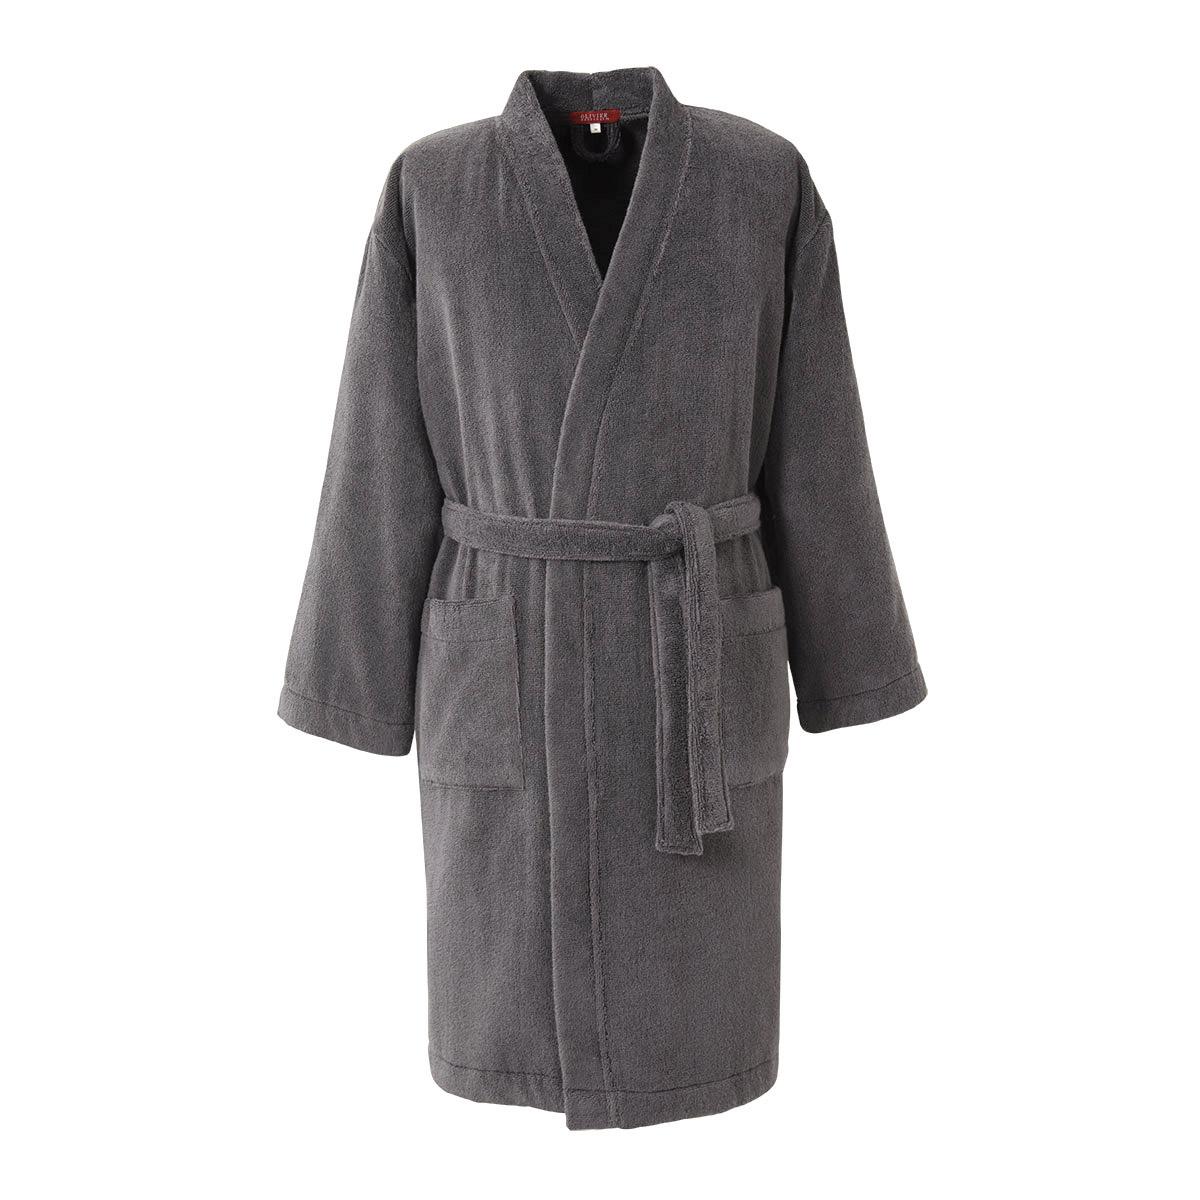 Kimono coton peigné Anthracite XL (photo)